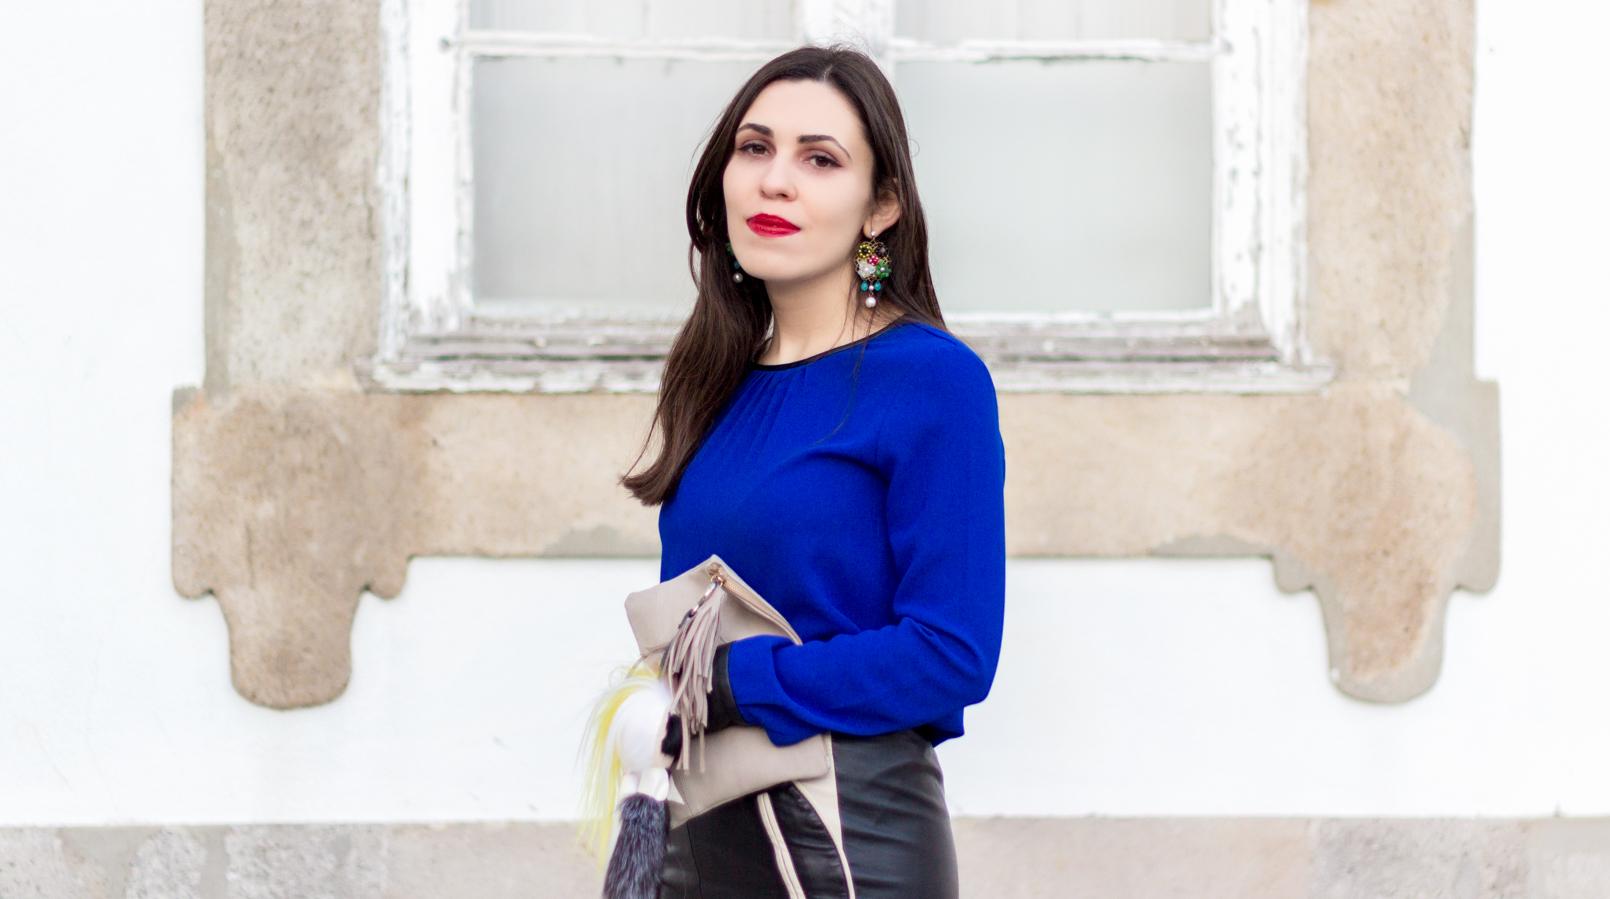 Le Fashionaire Como usar sapatos dourados blusa azulao punhos pretos zara brincos grandes flores antigos clutch pele bege sfera 8687F PT